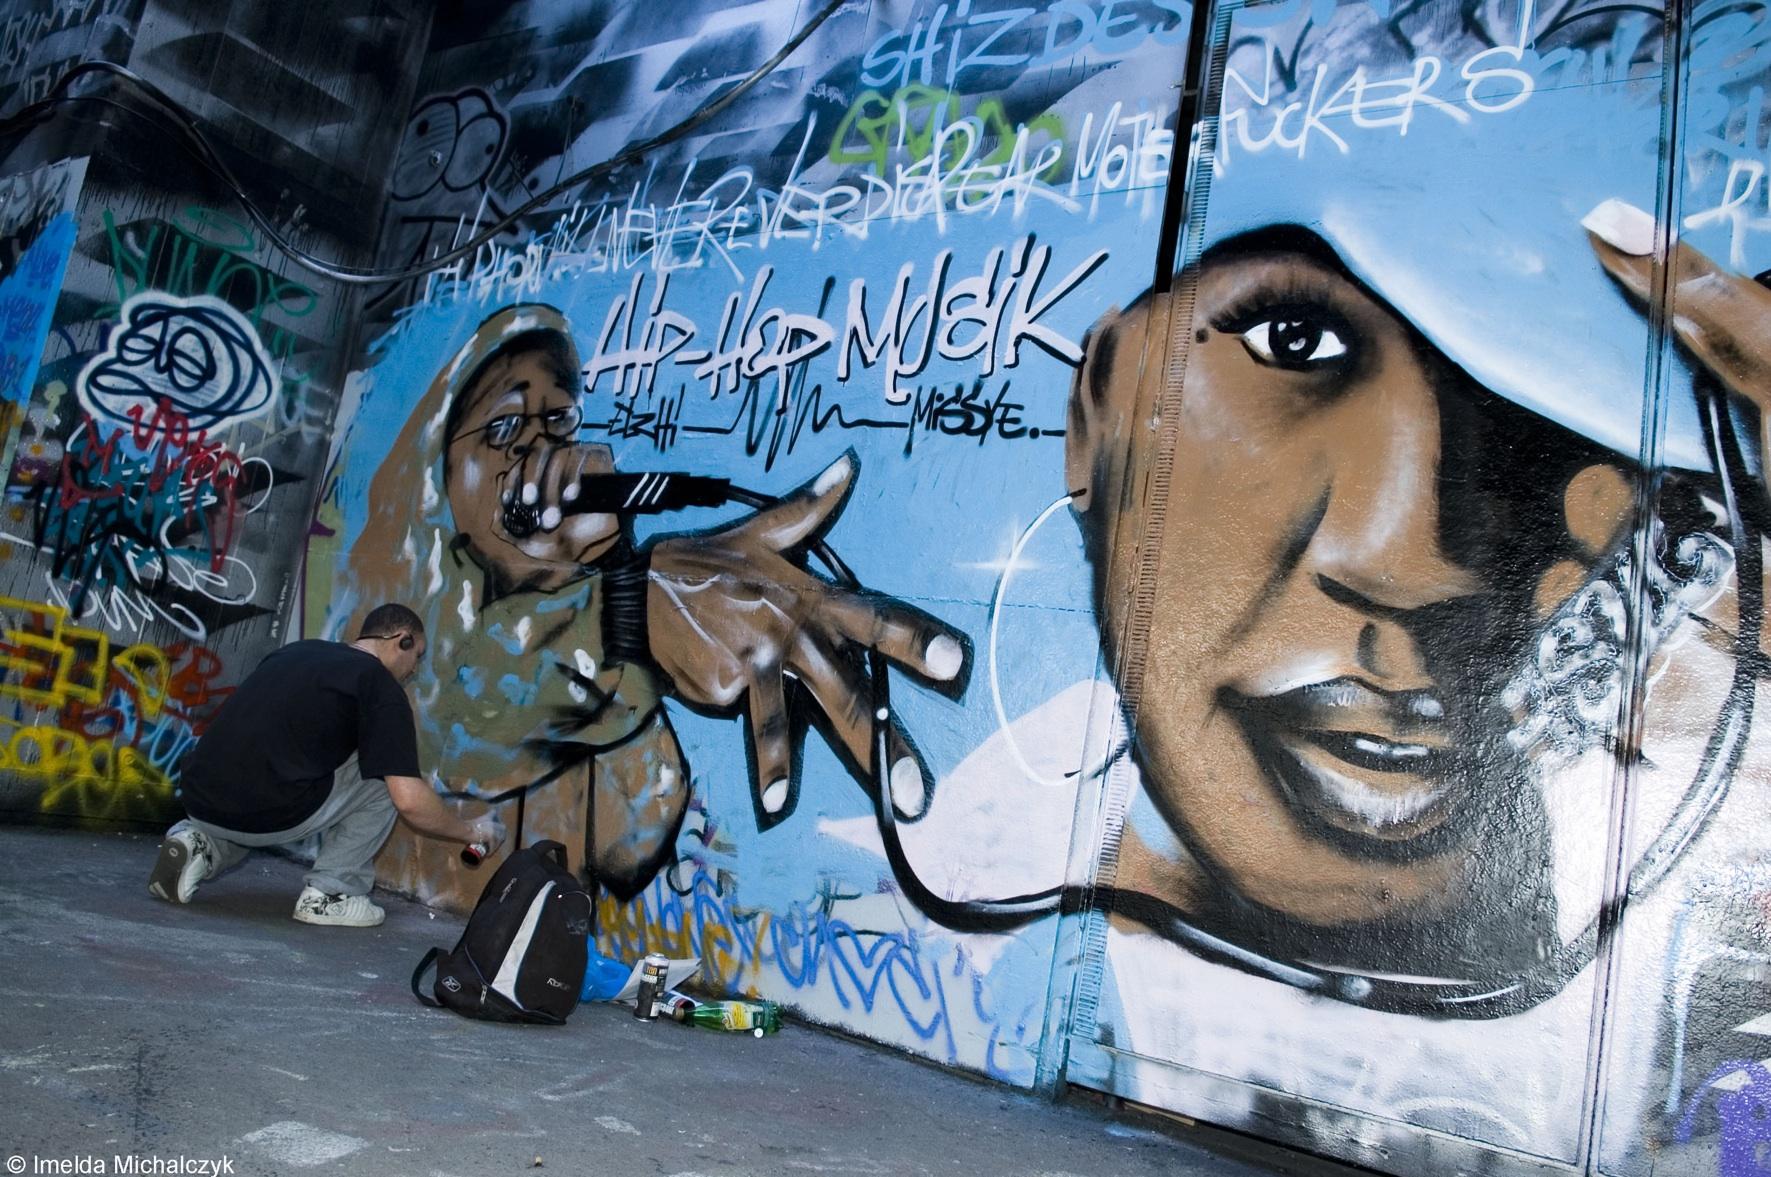 Рэп картинки и граффити